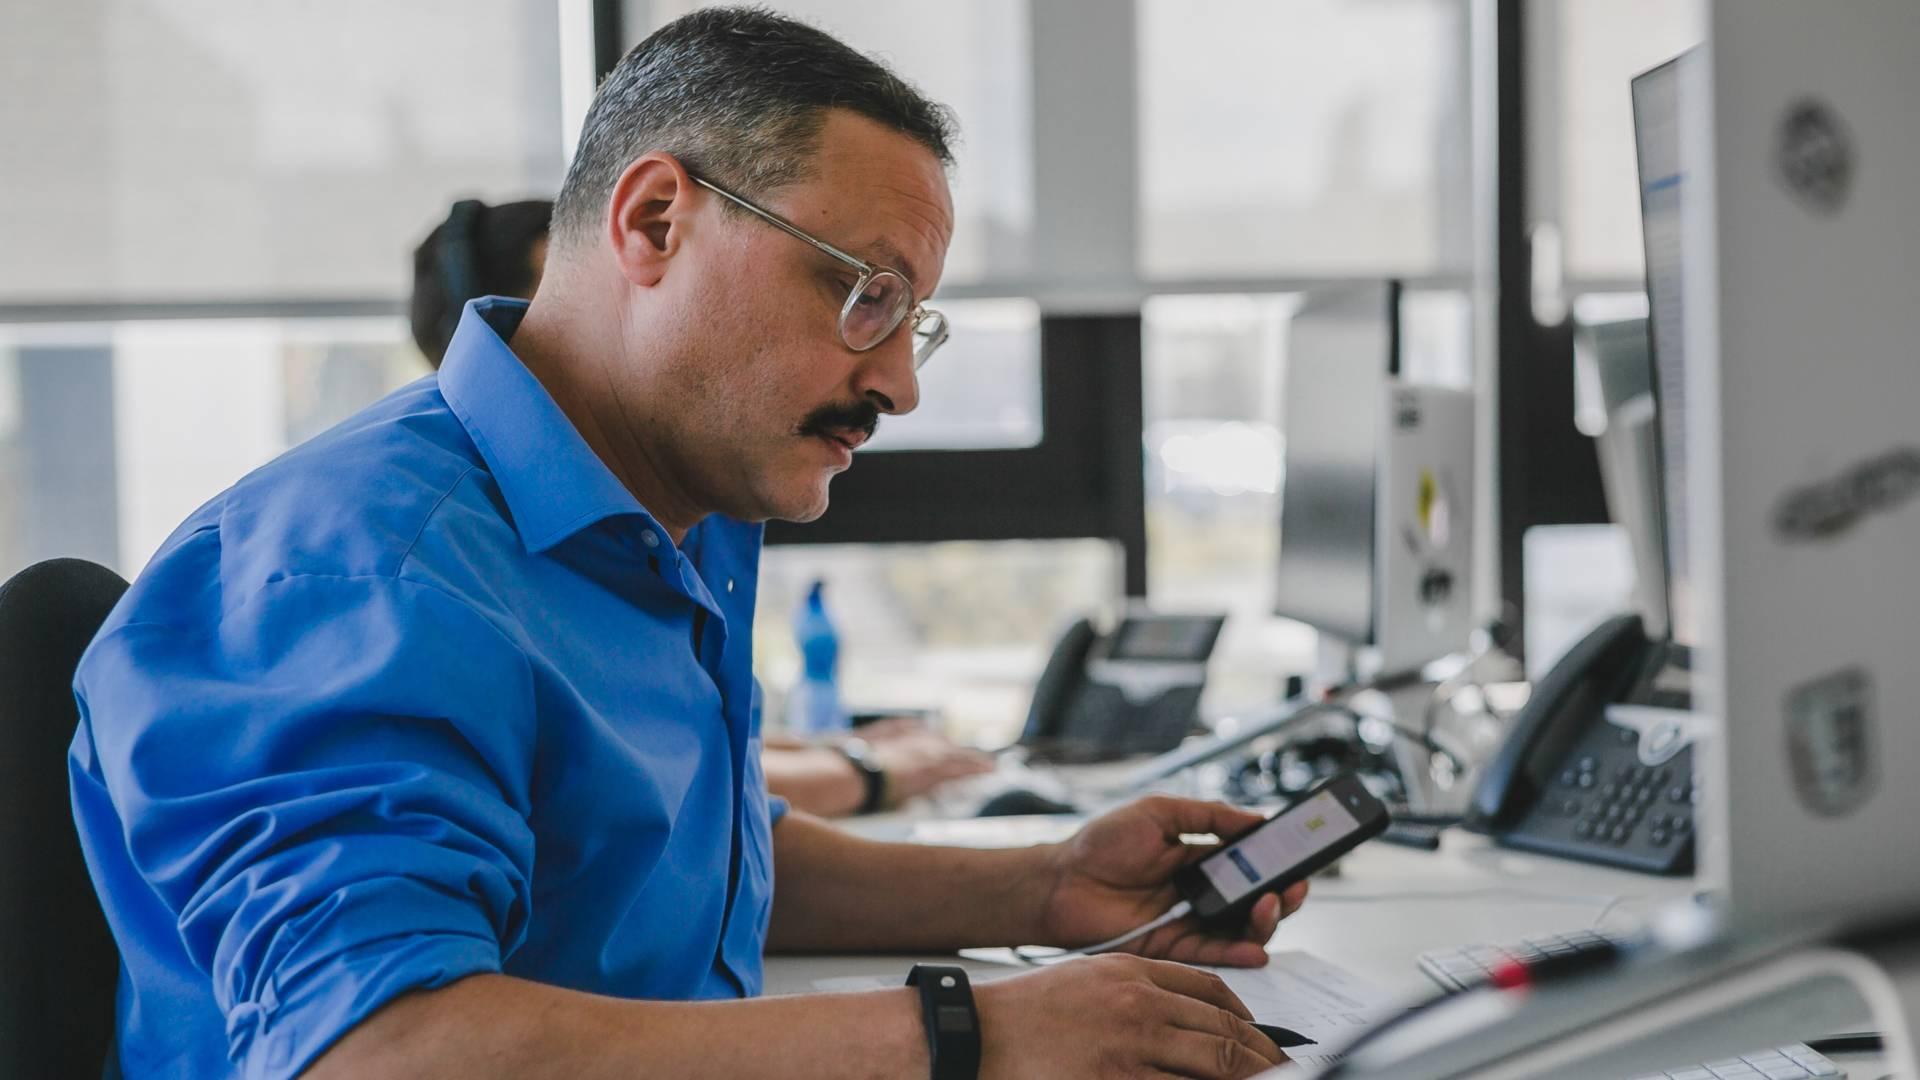 Mitarbeiter von Lidl Digital arbeitet am Computer